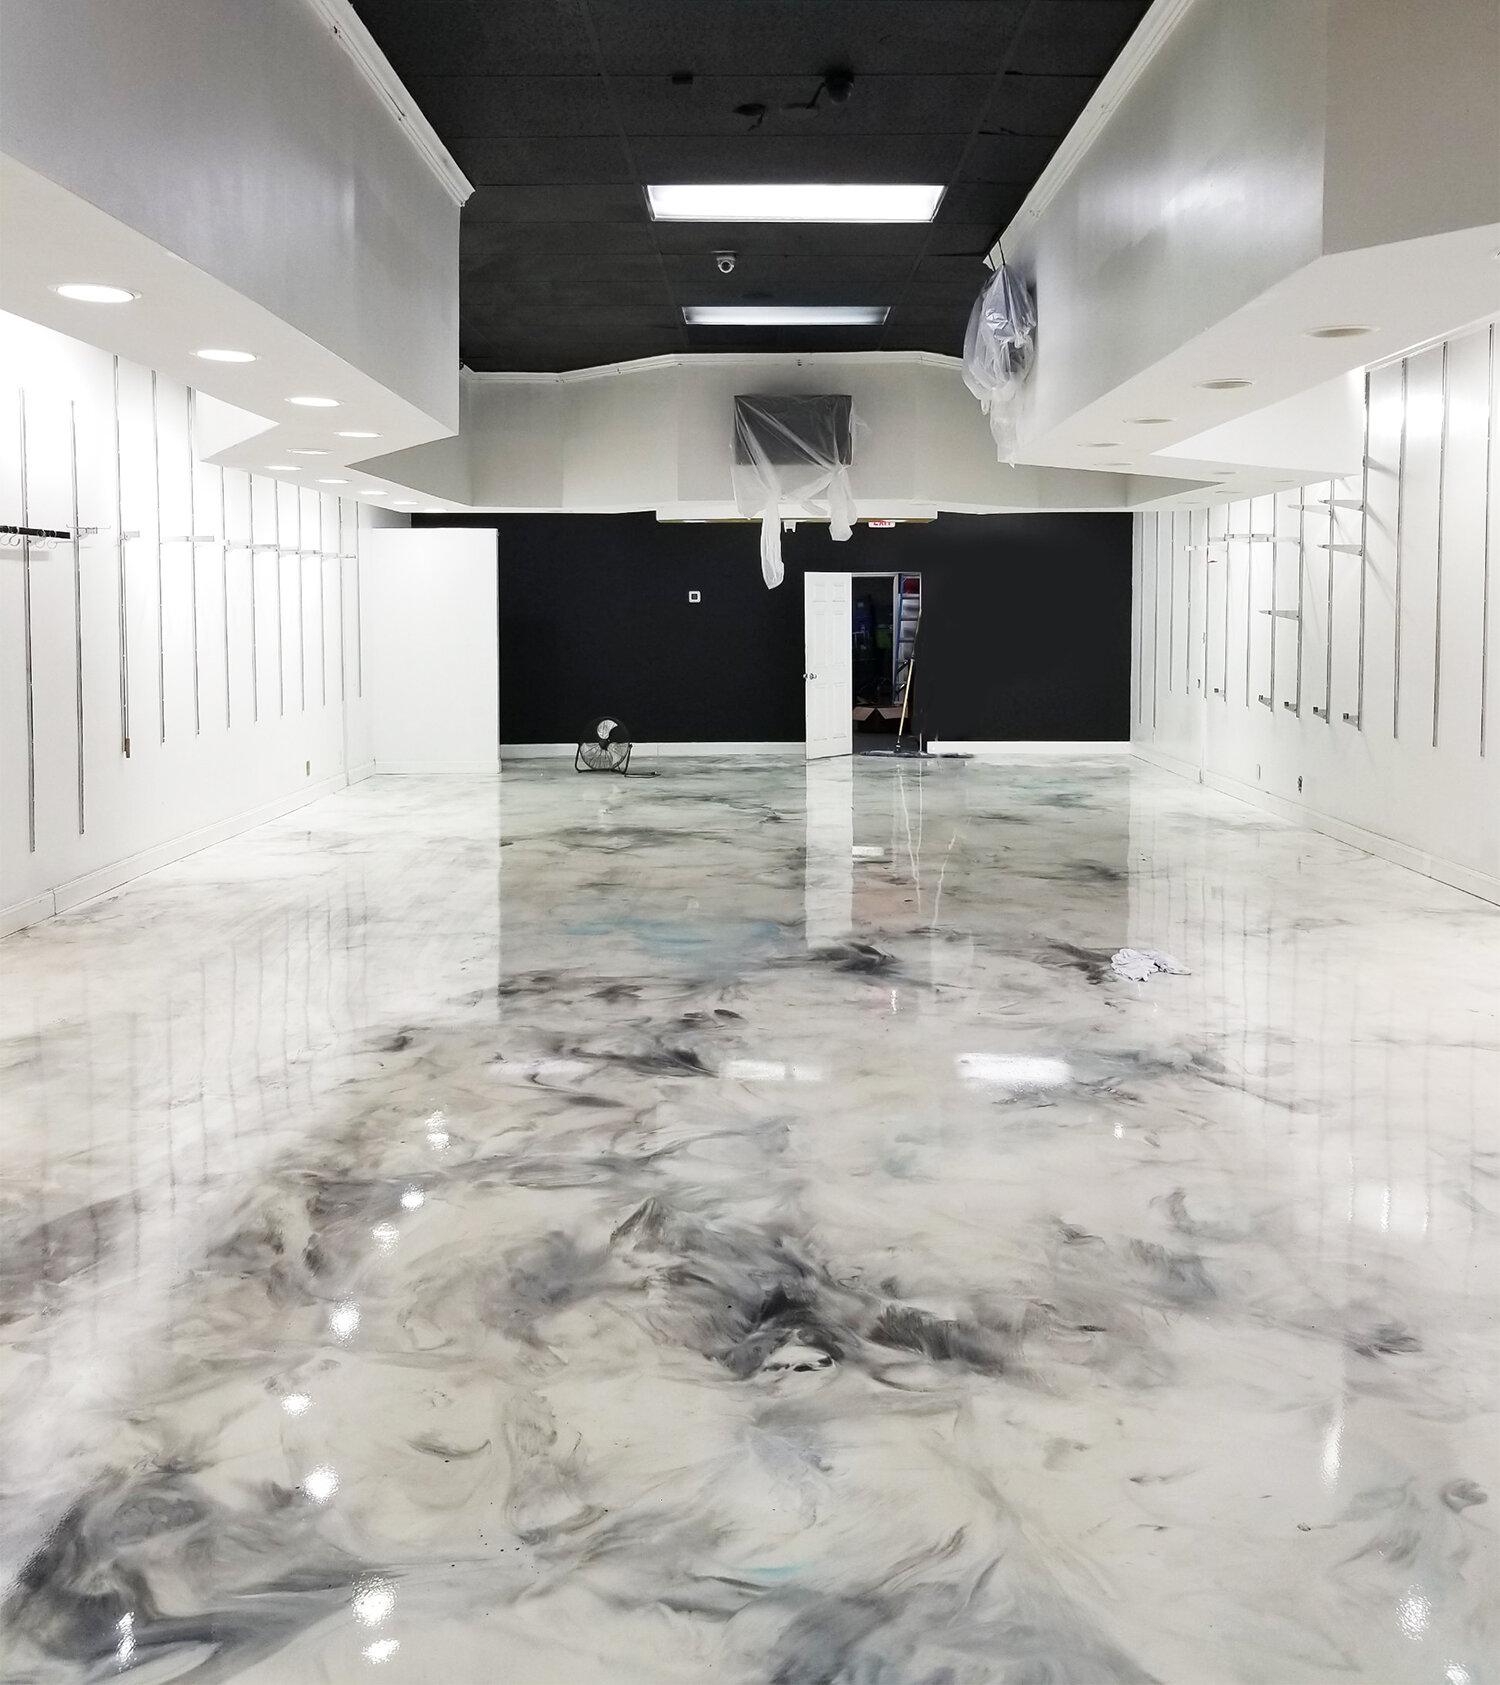 Metallic Epoxy Flooring In Atlanta Grindkings Flooring